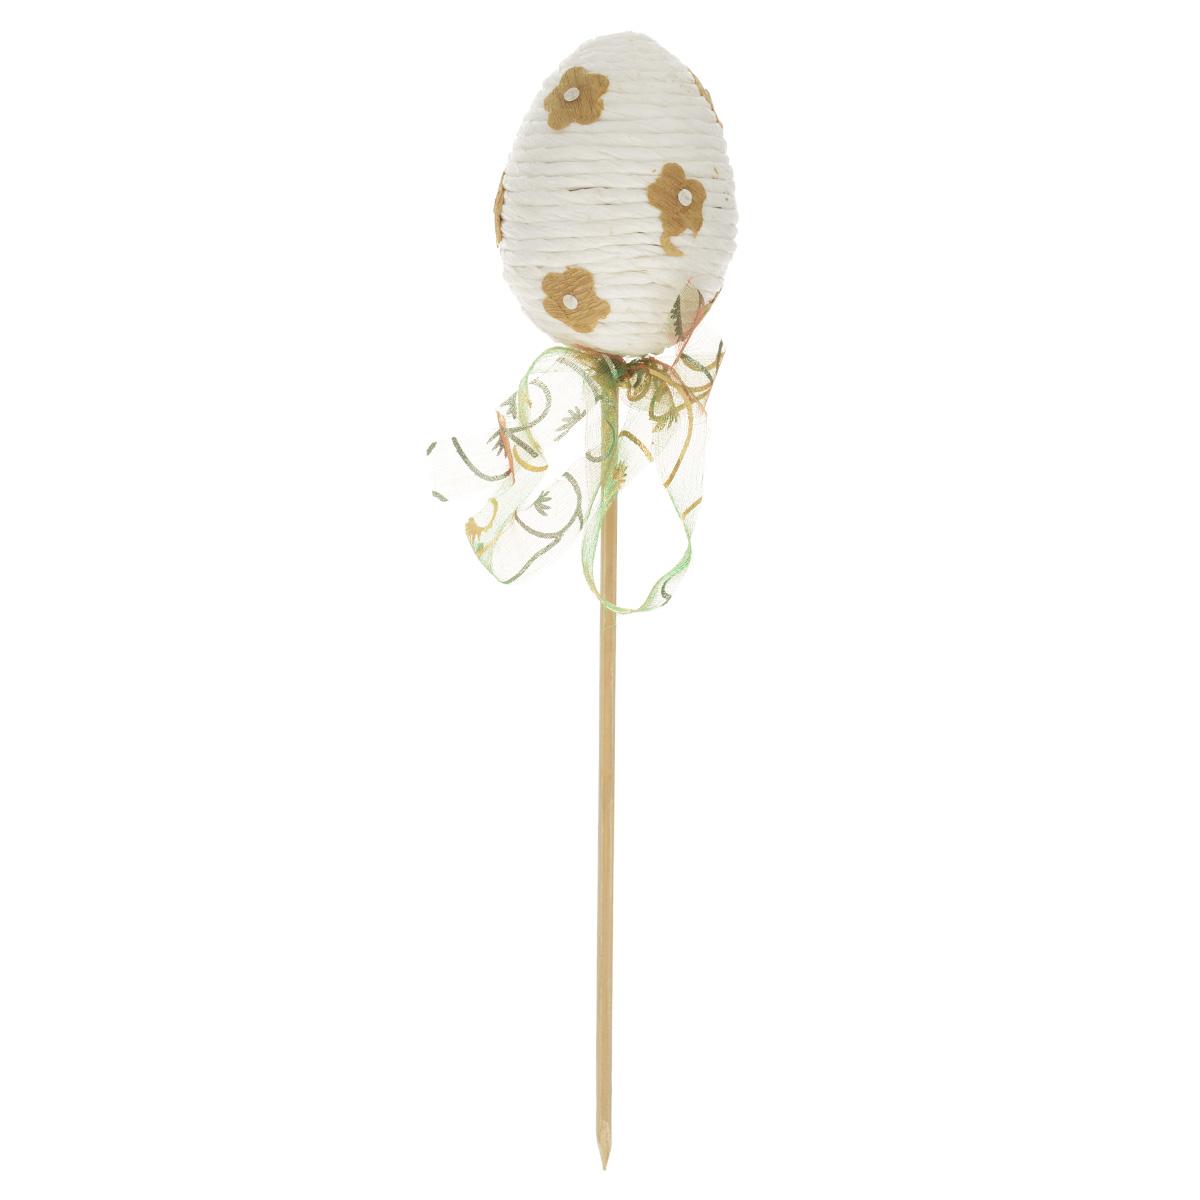 Декоративное украшение на ножке Home Queen Яйцо веселое, цвет: белый, высота 21 см60743_1Декоративное украшение Home Queen Яйцо веселое выполнено из пенопласта и бумаги в виде пасхального яйца на деревянной ножке, декорированного рельефными бумажными цветами. Изделие украшено полупрозрачной лентой. Такое украшение прекрасно дополнит подарок для друзей или близких на Пасху. Высота: 21 см. Размер яйца: 5 см х 5 см.